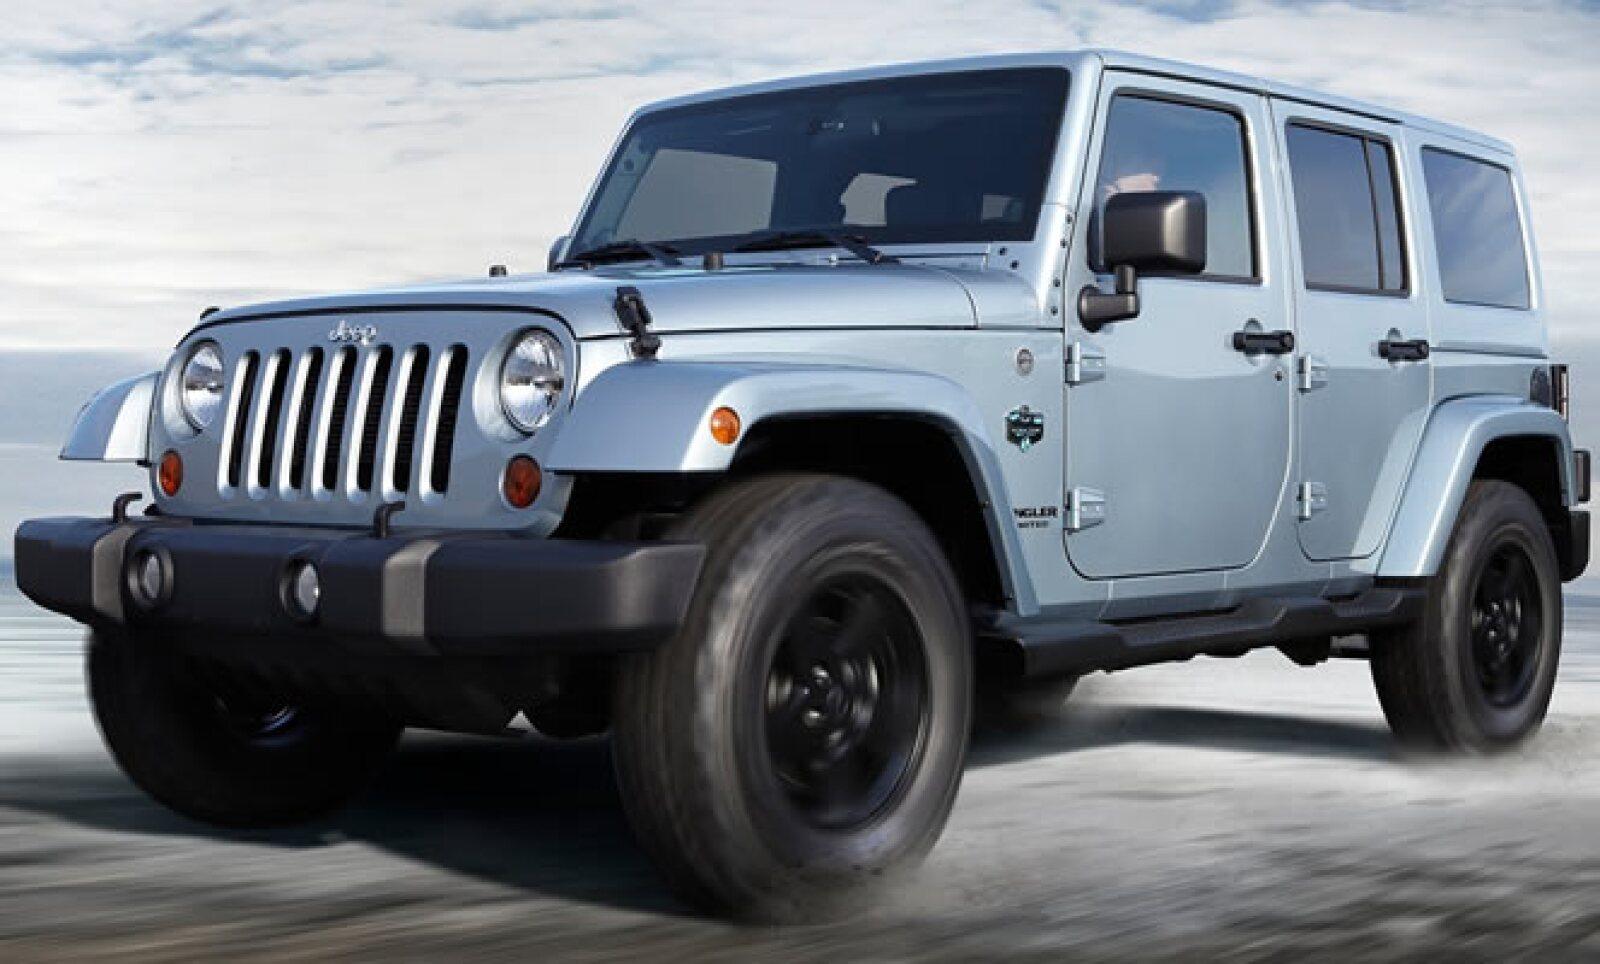 Detalles más robustos en la carrocería e interiores más lujosos aparecen en la nueva edición de este modelo, que llegará a las concesionarias de EU al inicio del diciembre de este año.